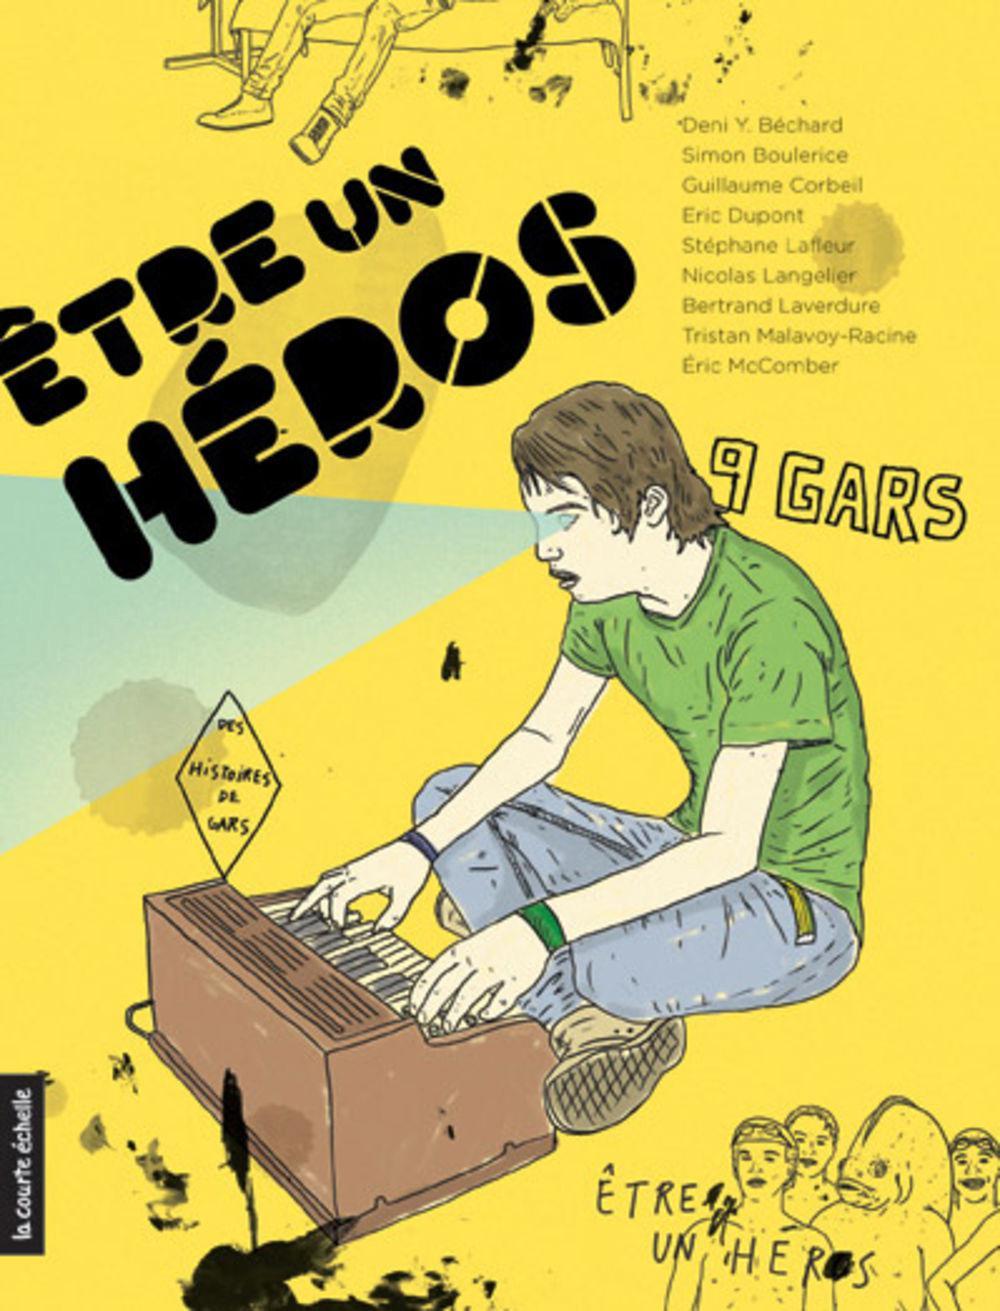 Être un héros